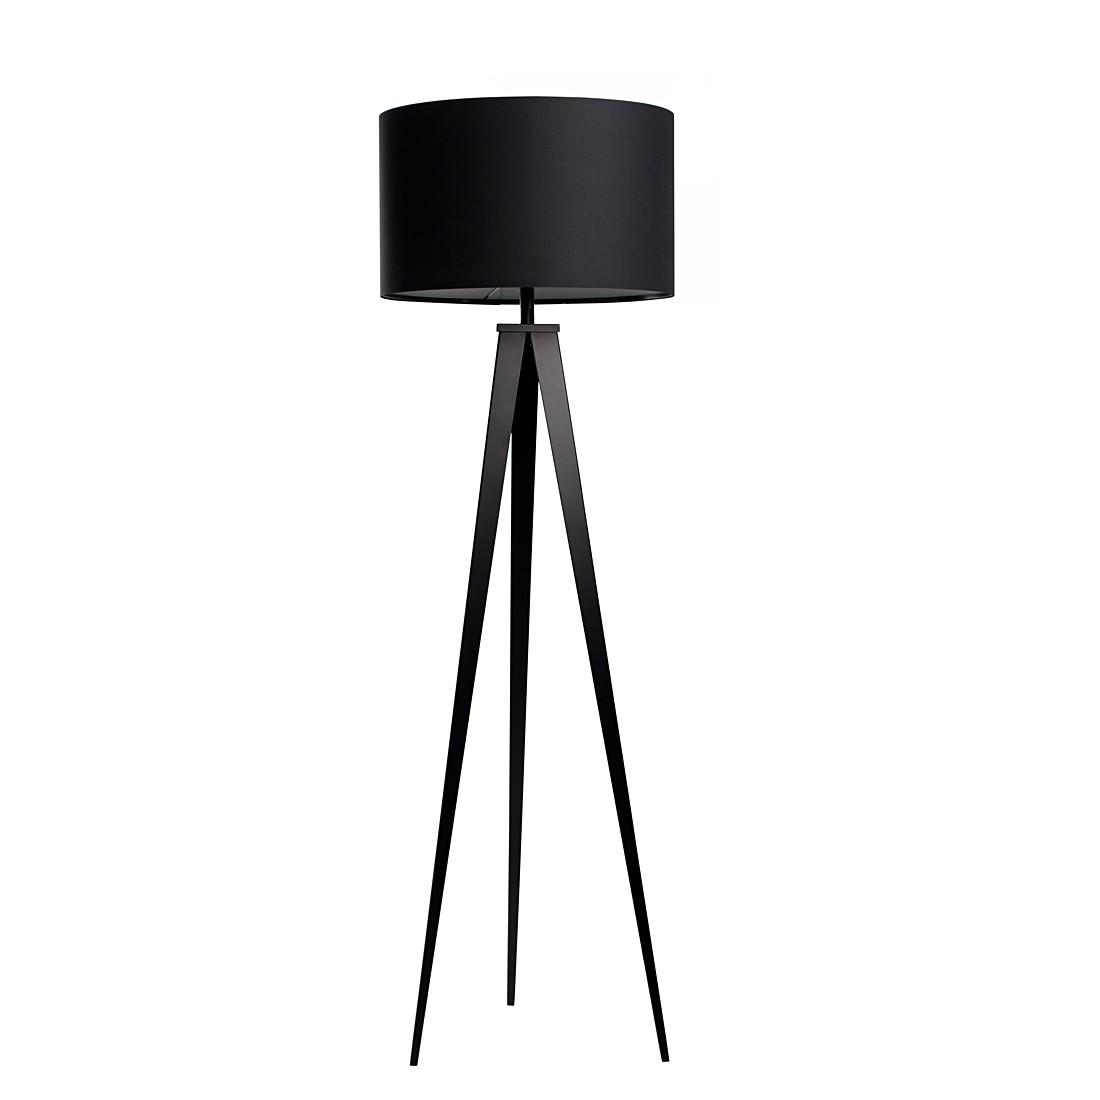 EEK A++, Lampadaire TRIPOD - Métal - 1 ampoule - Noir, Zuiver